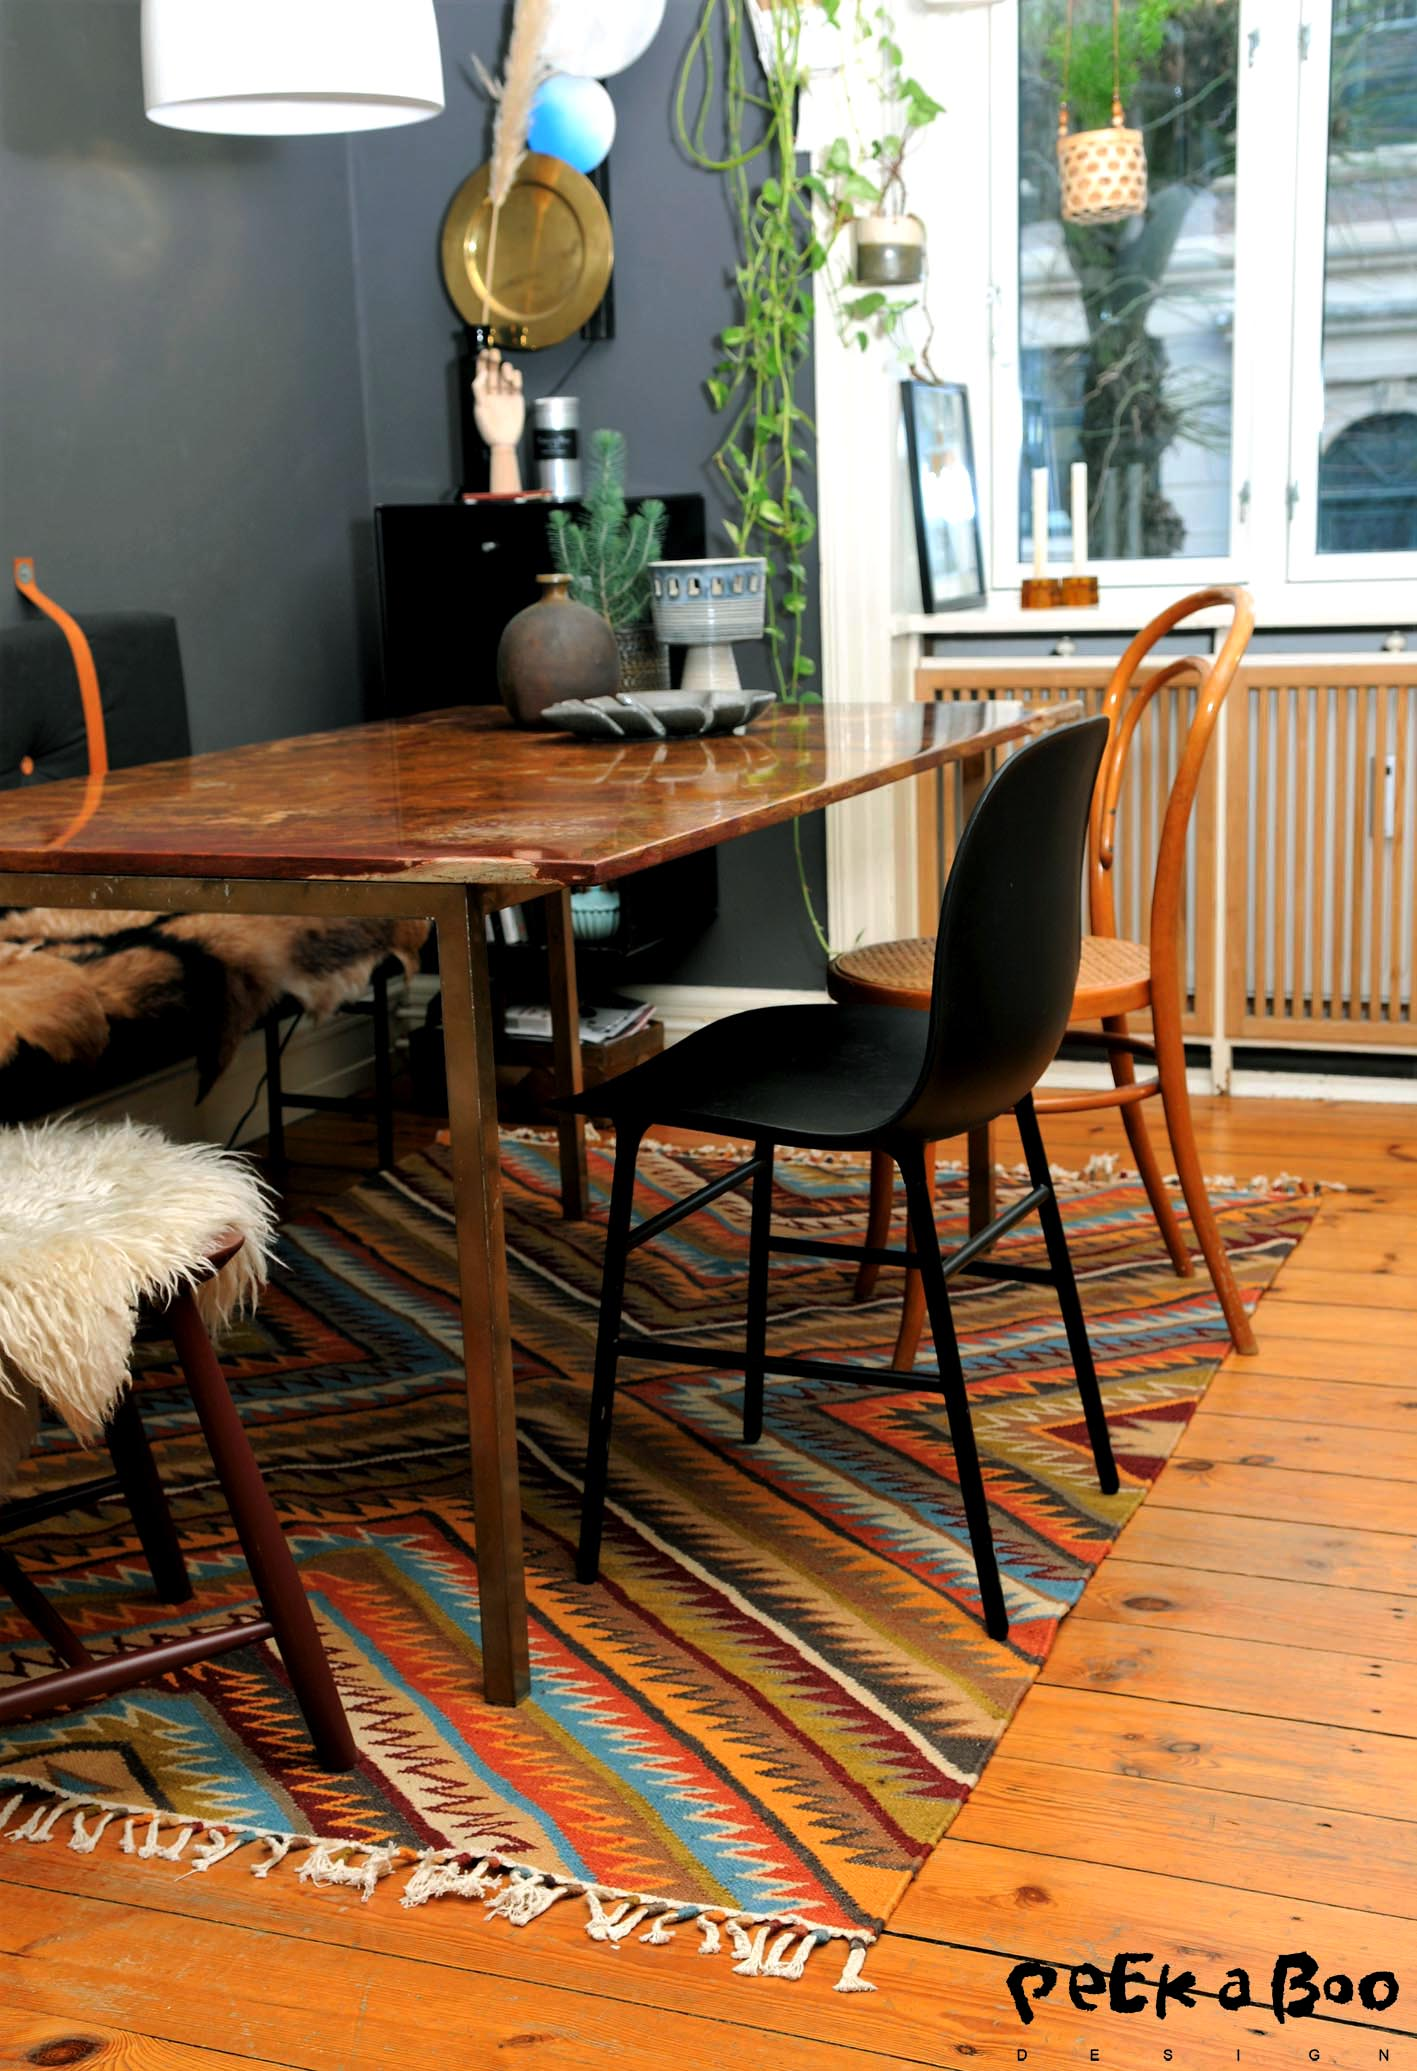 Det Flyvende Taeppe Fra Sverige Home Garden Peekaboo Design